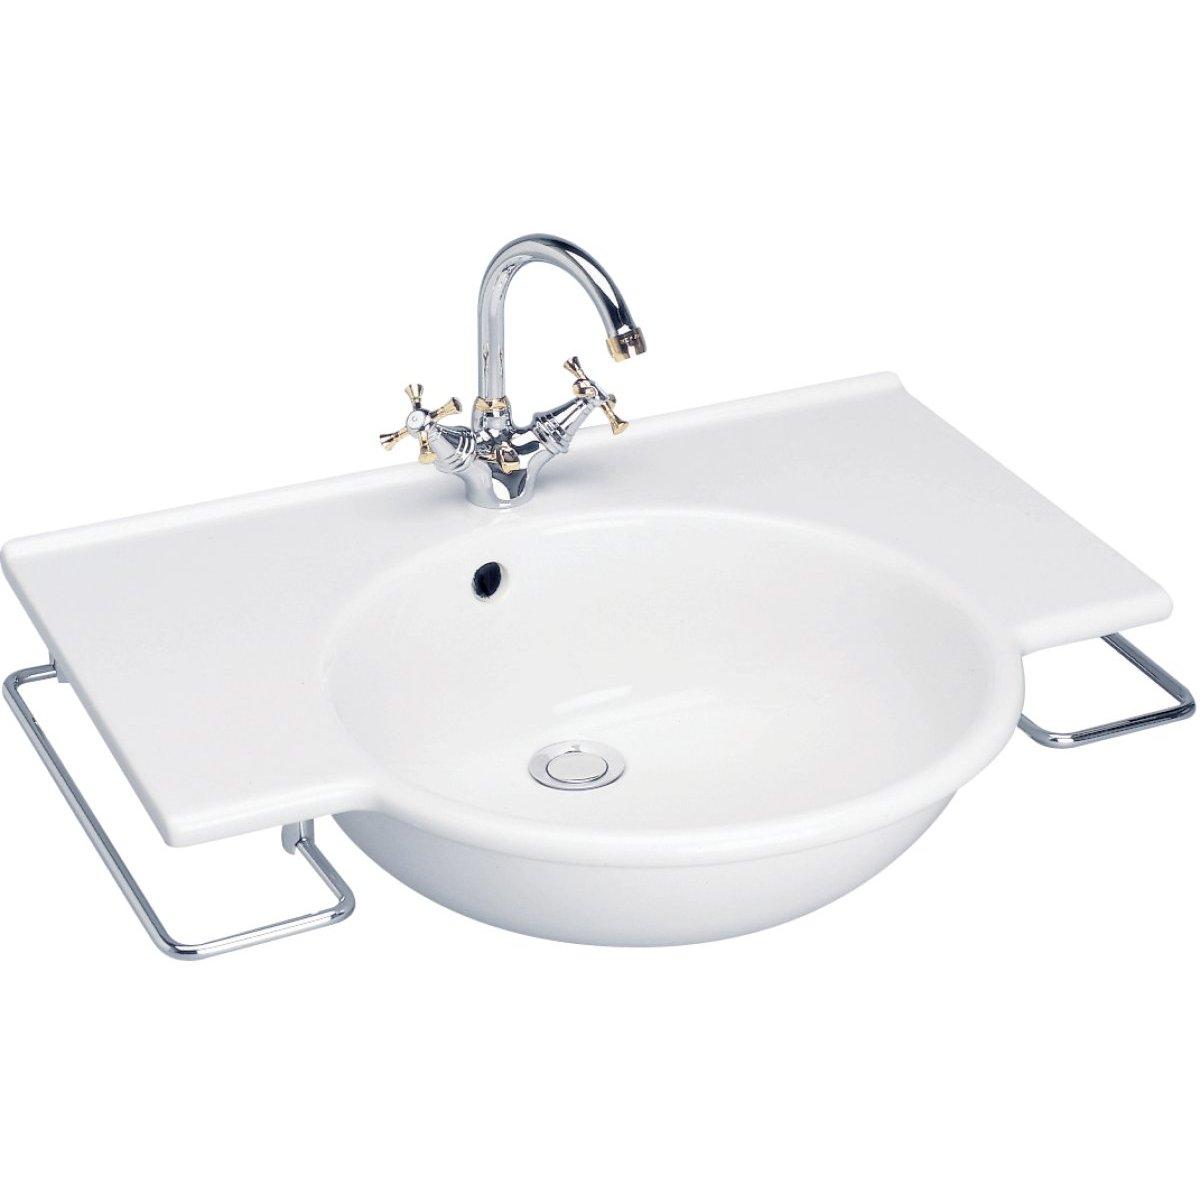 lavabo plan sapho 69x52cm avec trop plein blanc porcher saumur 49400 d stockage habitat. Black Bedroom Furniture Sets. Home Design Ideas